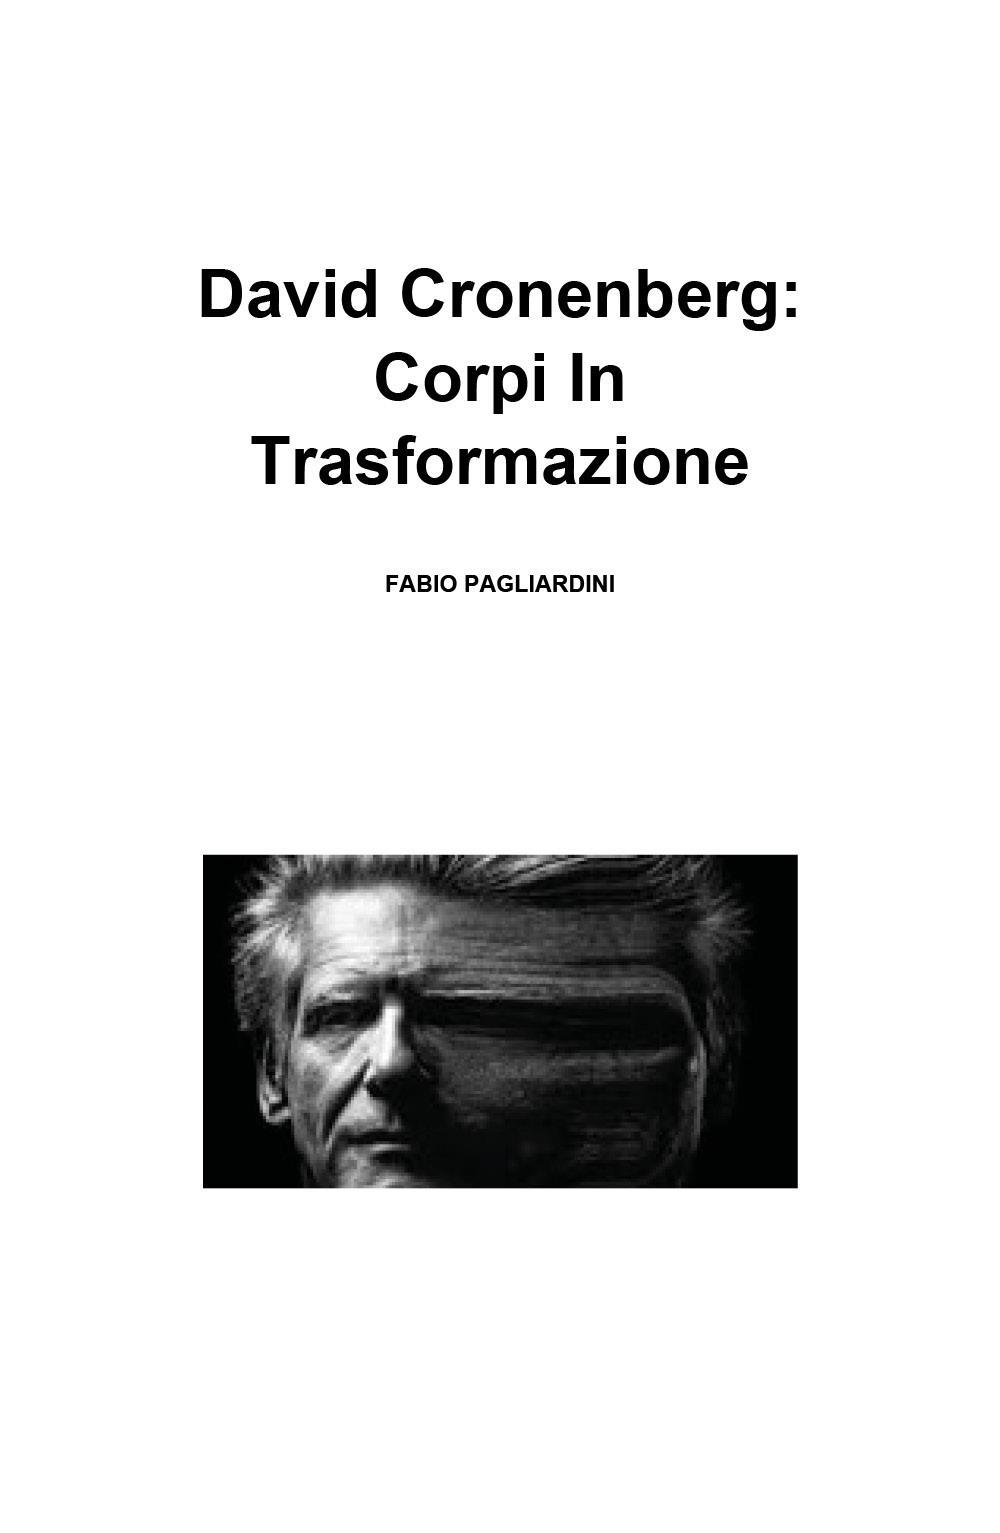 David Cronenberg: Corpi In Trasformazione